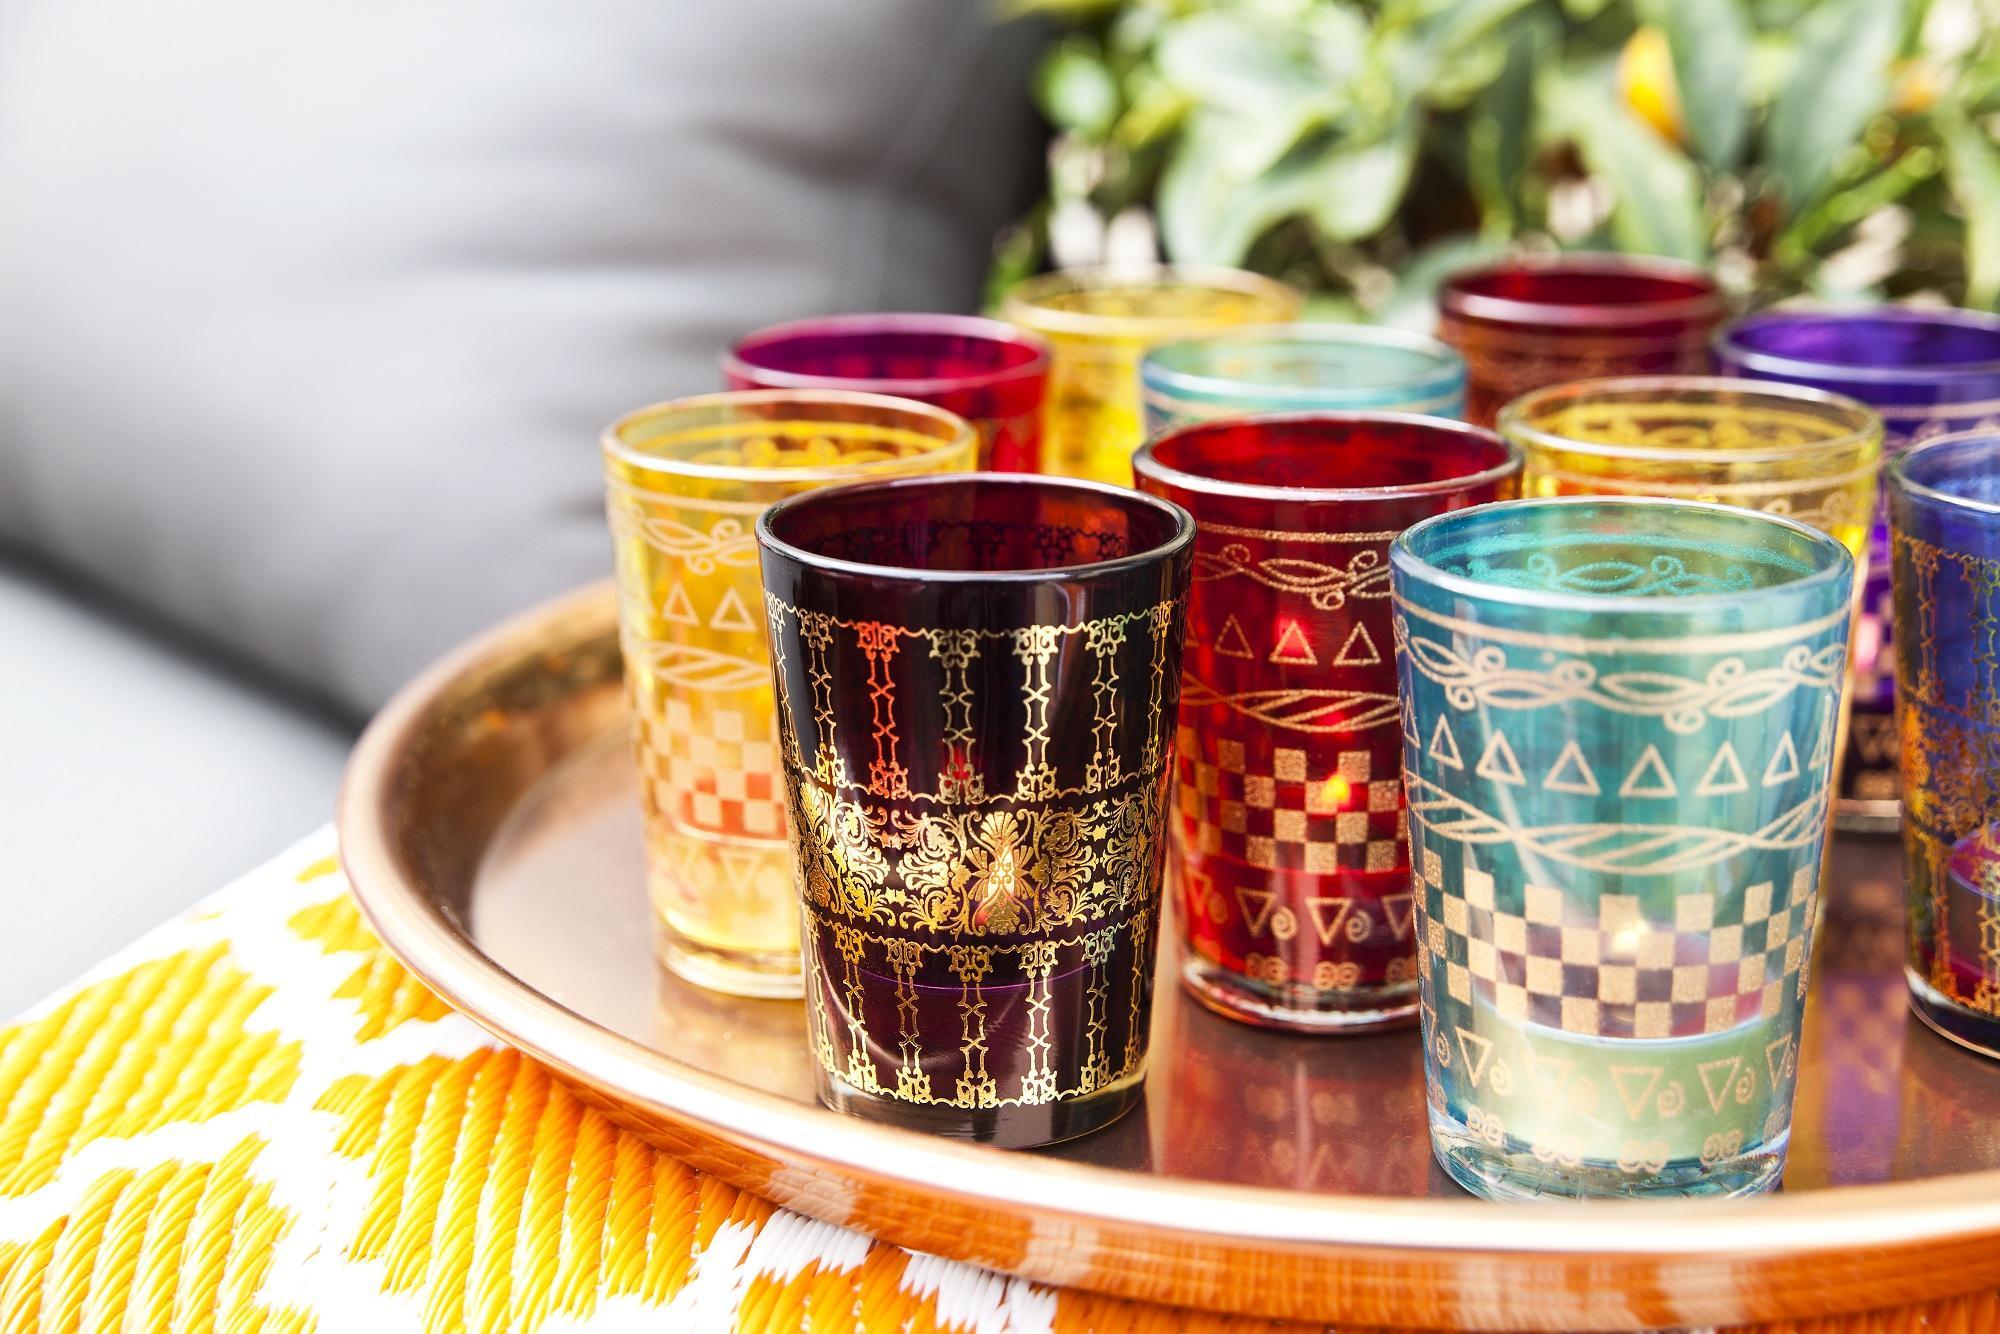 Disponete il vassoio ripieno di candele profumate, anch'esse con vasetti in vetro multicolor, come centrotavola.